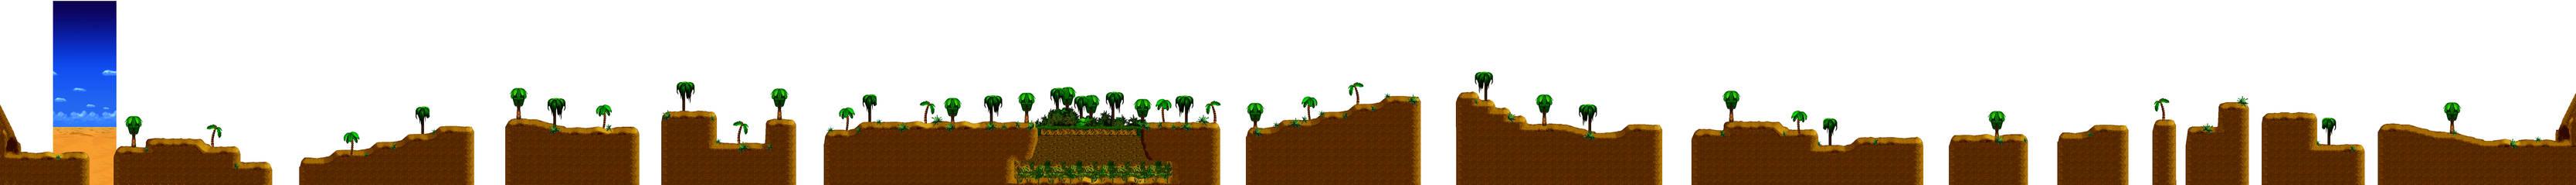 Desert oasis level